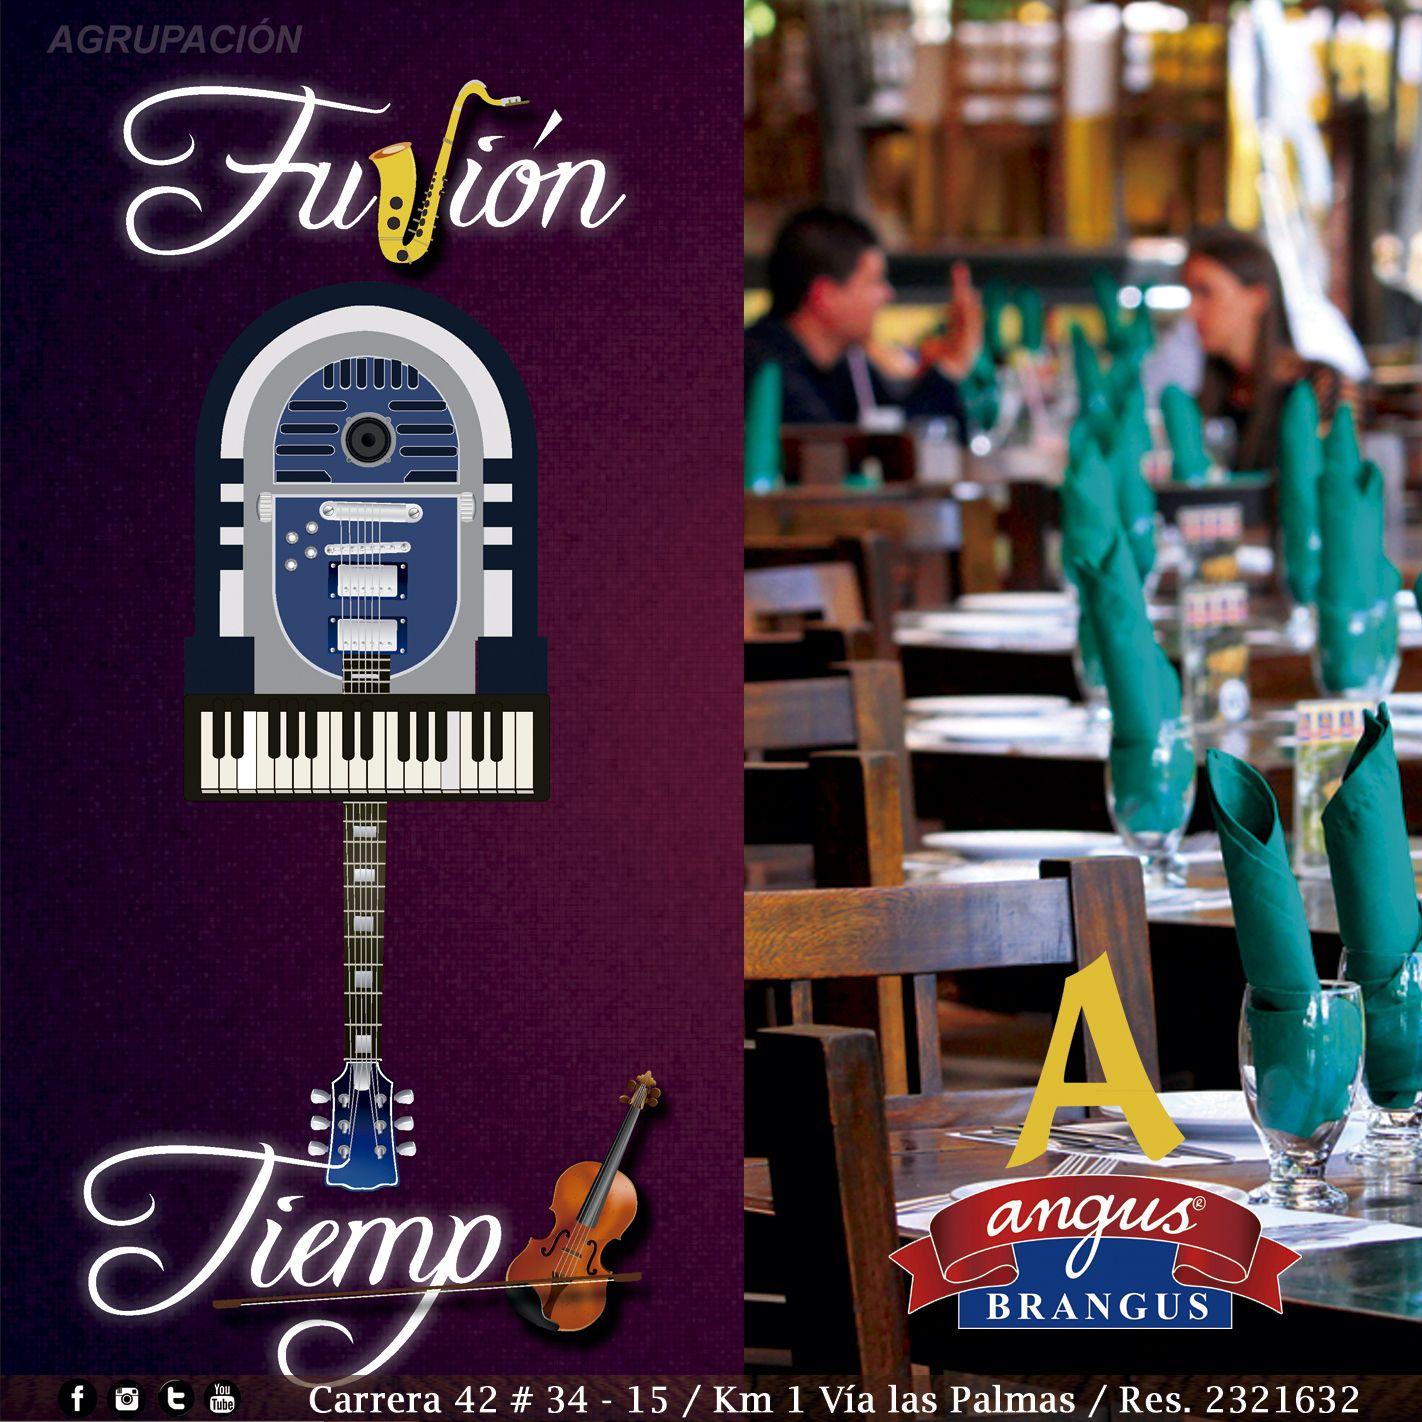 Fusión Tiempo, es la banda musical de viernes y sábado en la noche en Angus Brangus Parrilla Bar   . ¡Te esperamos!.   Reservas: 2321632. www.angusbrangus.com.co Cra. 42 # 34 - 15 / Vía las Palmas  #AngusBrangus #RestaurantesMedellín #Medellín #Quehacerenmedellín #sitegustacompartelo #Poblado #PlanPerfecto #Colombia #Poblado #nochesenmedellín #restaurantesrecomendados #gastronomía #medellínsisabe #musicaenvivo